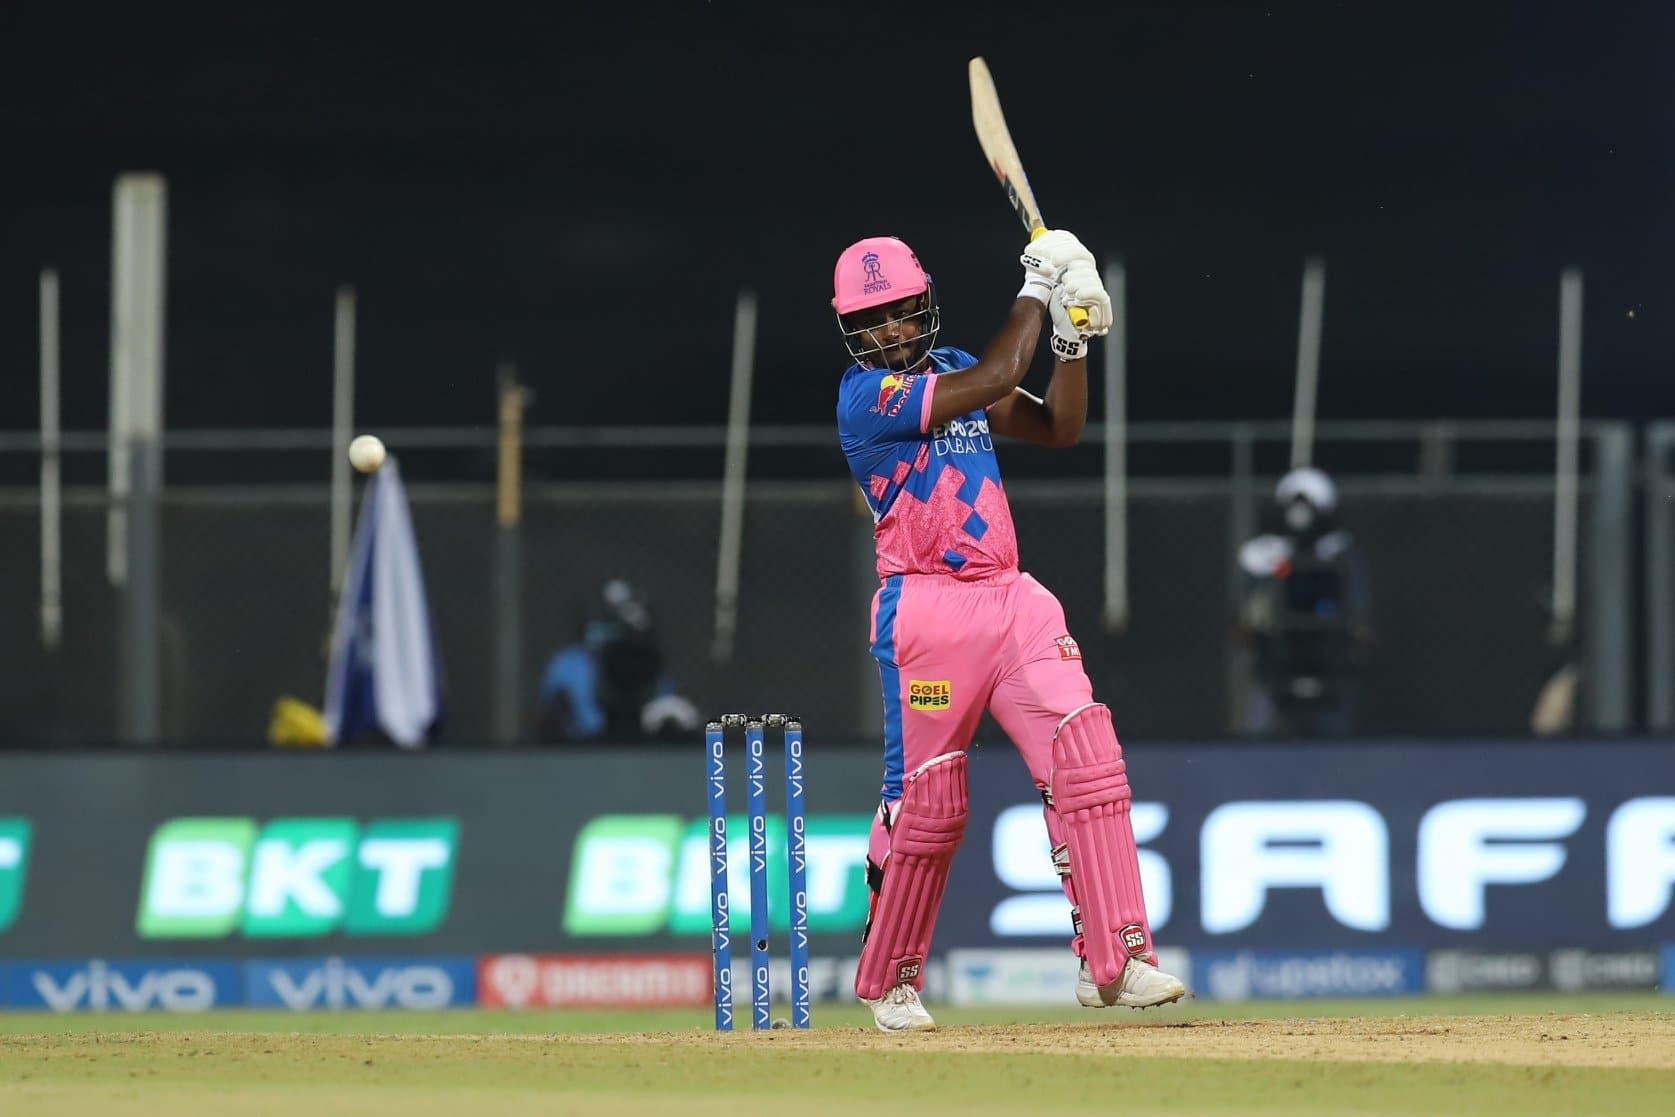 Rajasthan Royals captain Sanju Samson en route to scoring 119 against Punjab Kings in their IPL 2021 match in Mumbai. (Photo: IPL)